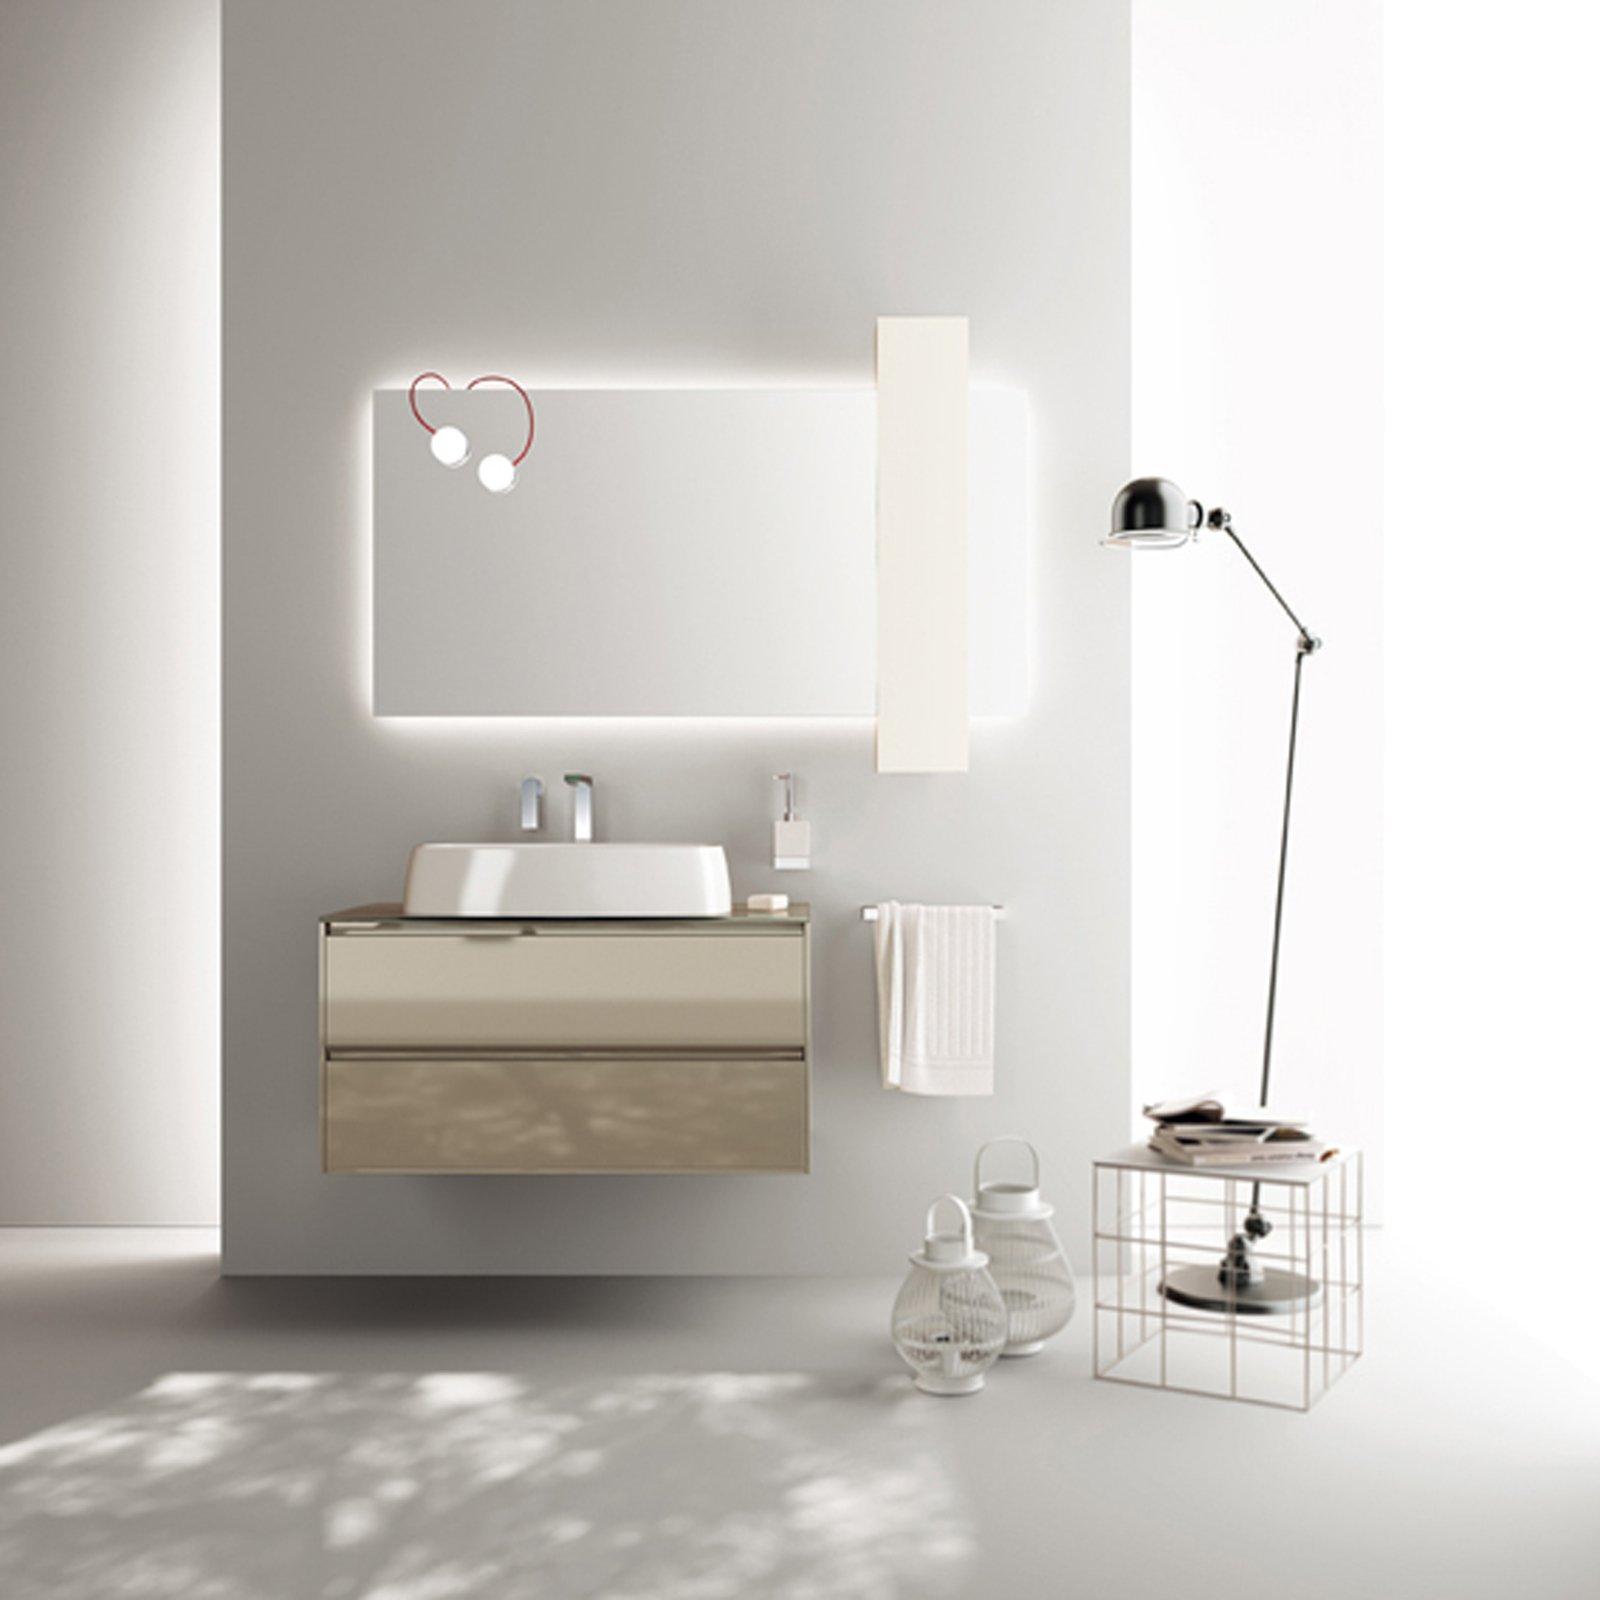 Specchi sopra il lavabo cose di casa - Lampade per il bagno allo specchio ...